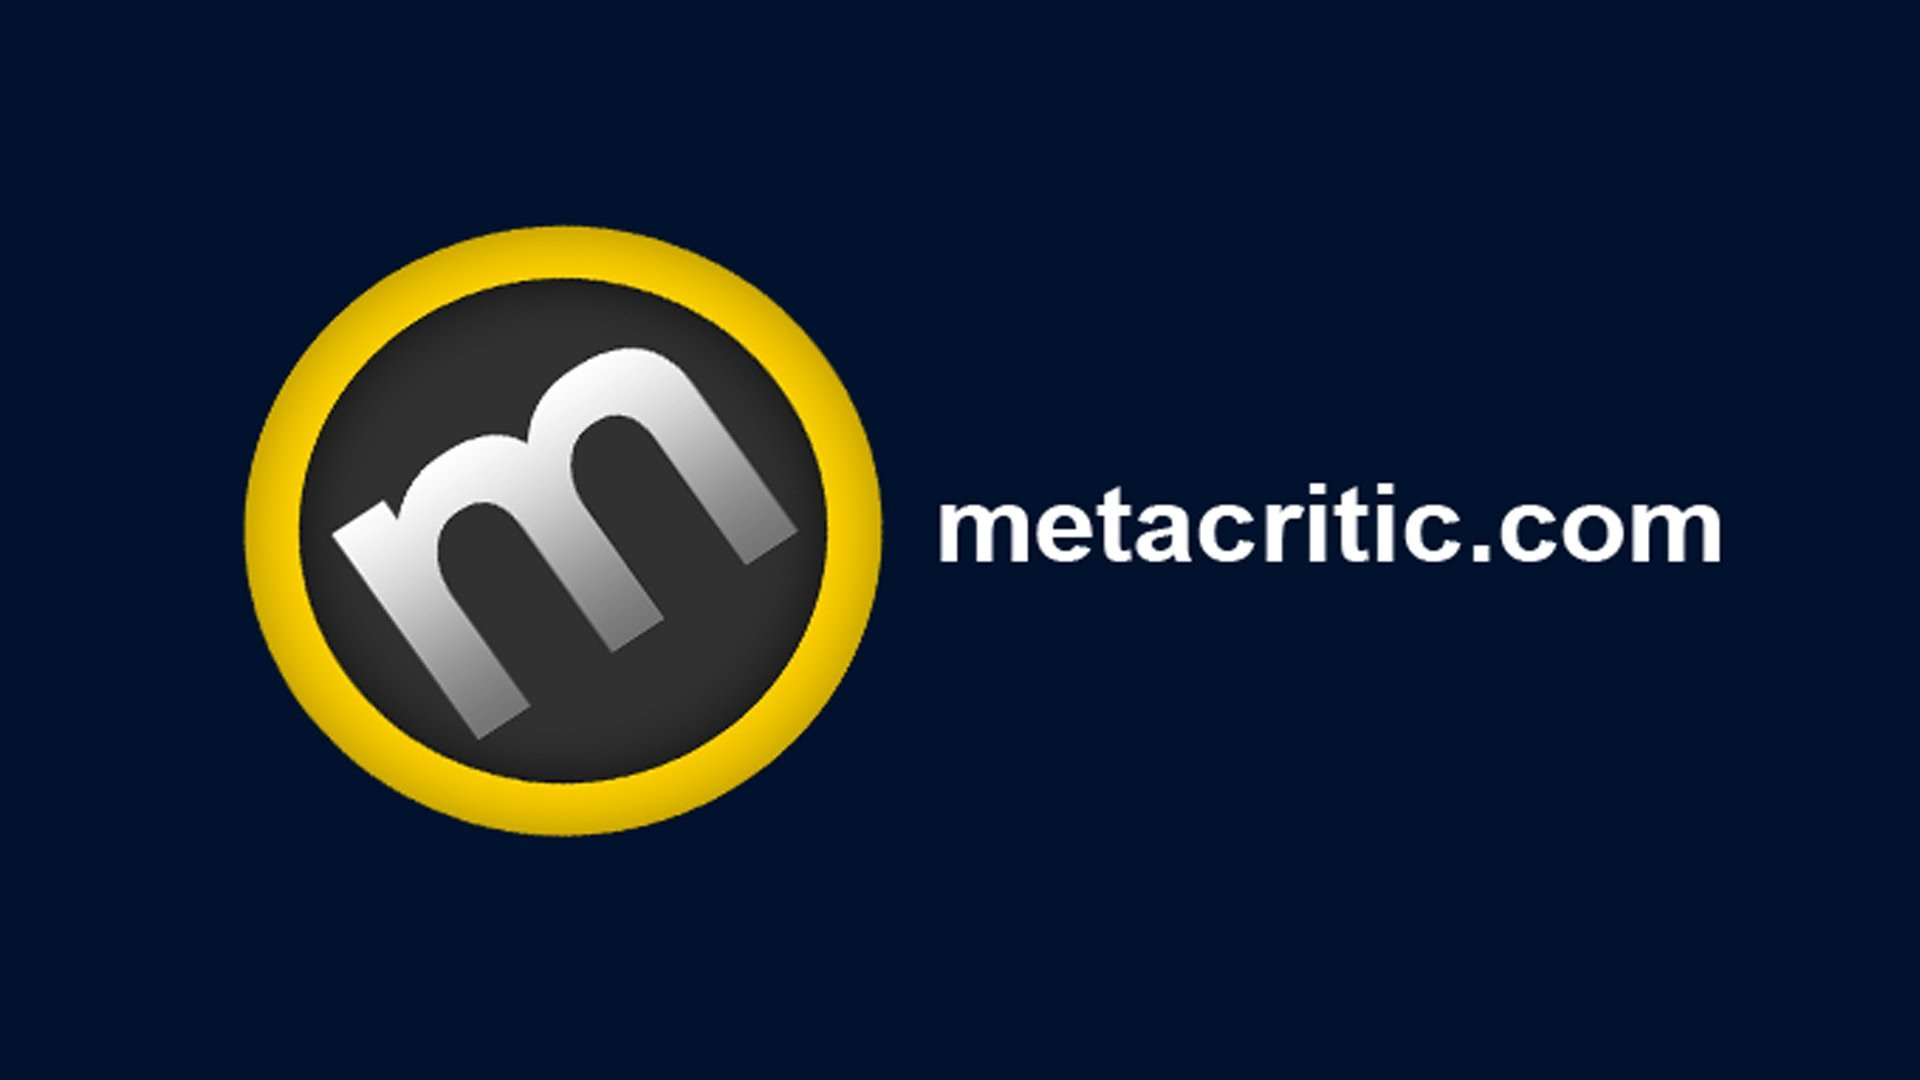 Metacritic назвал самые высокооцененные игры 2015 года, объявлена GOTY 2015. - Изображение 1